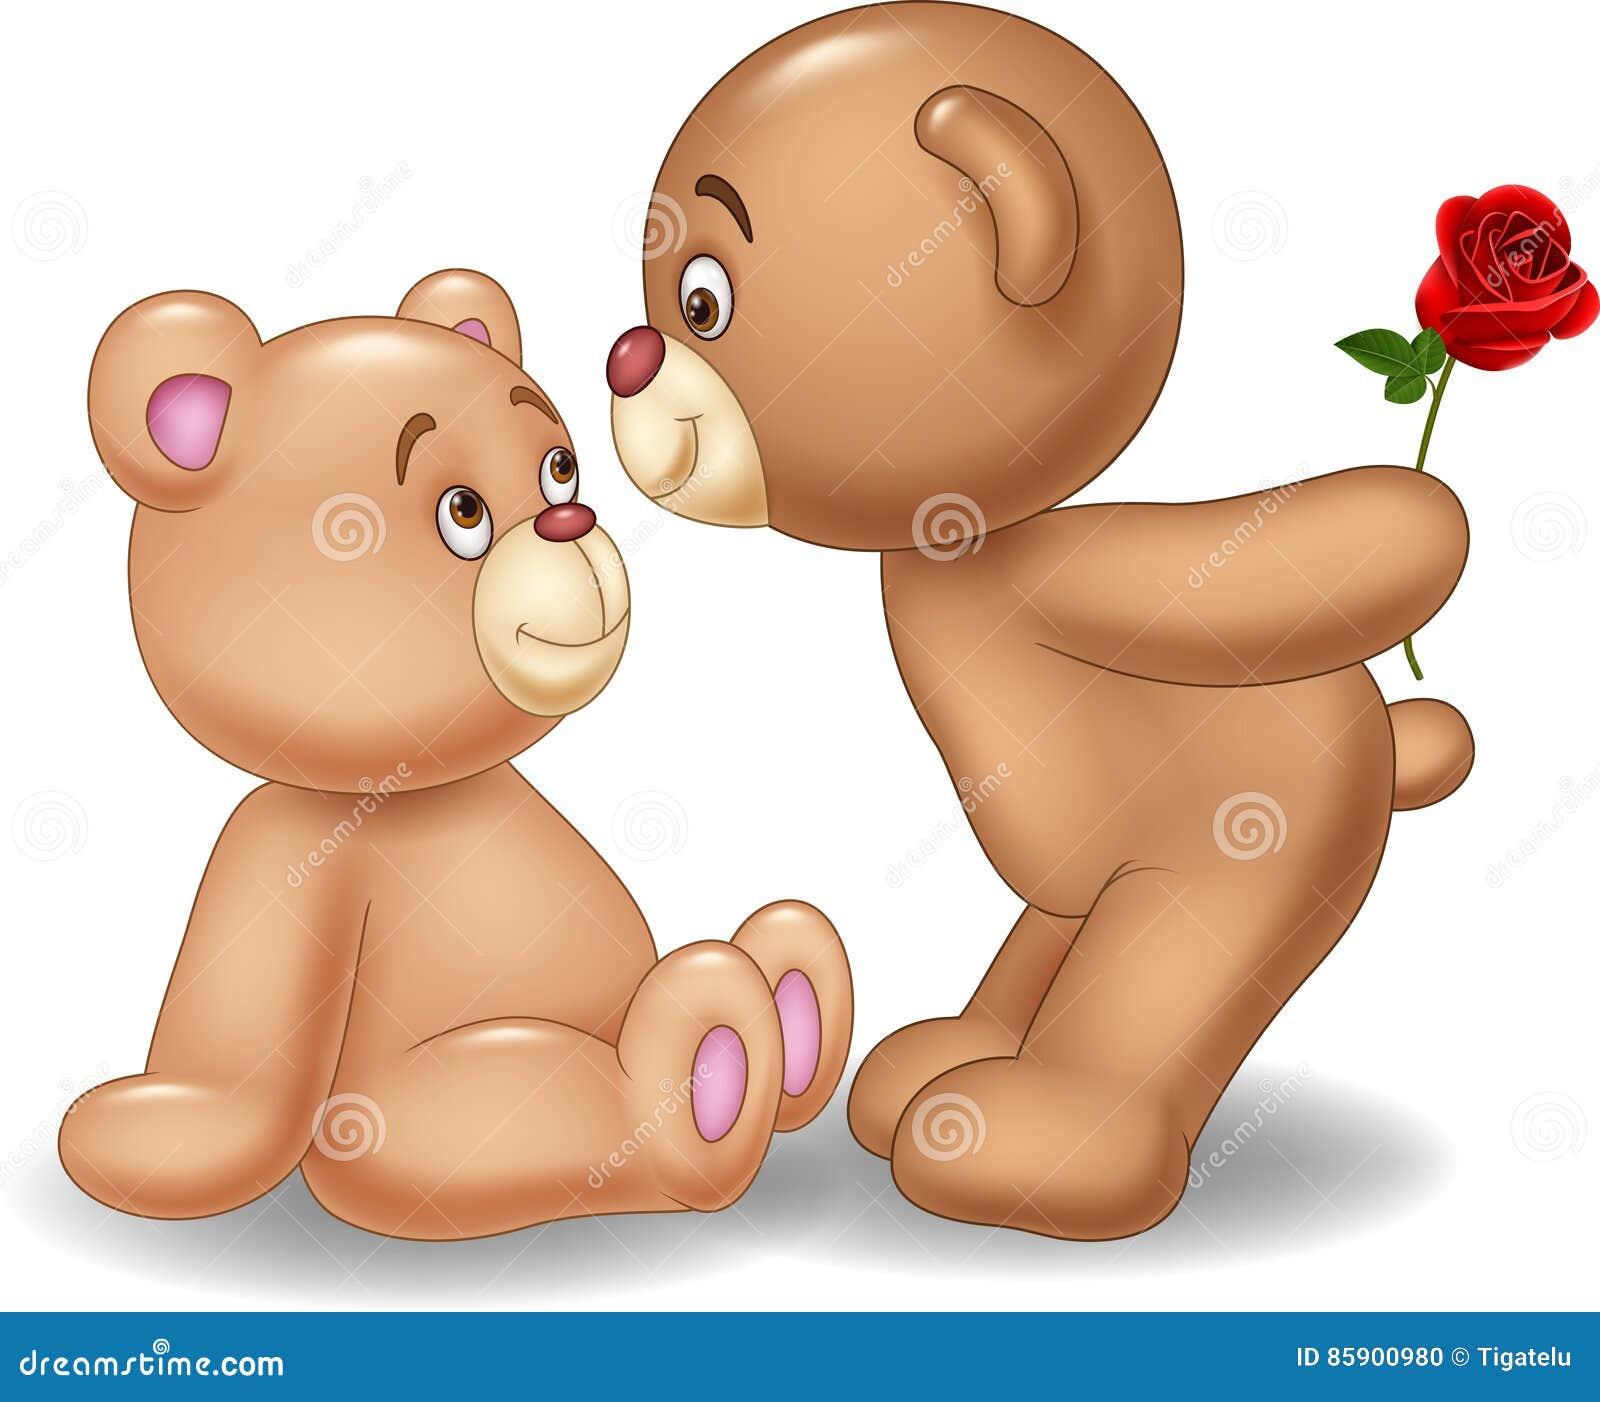 kostenloser Download Bilder von romantischen Paaren